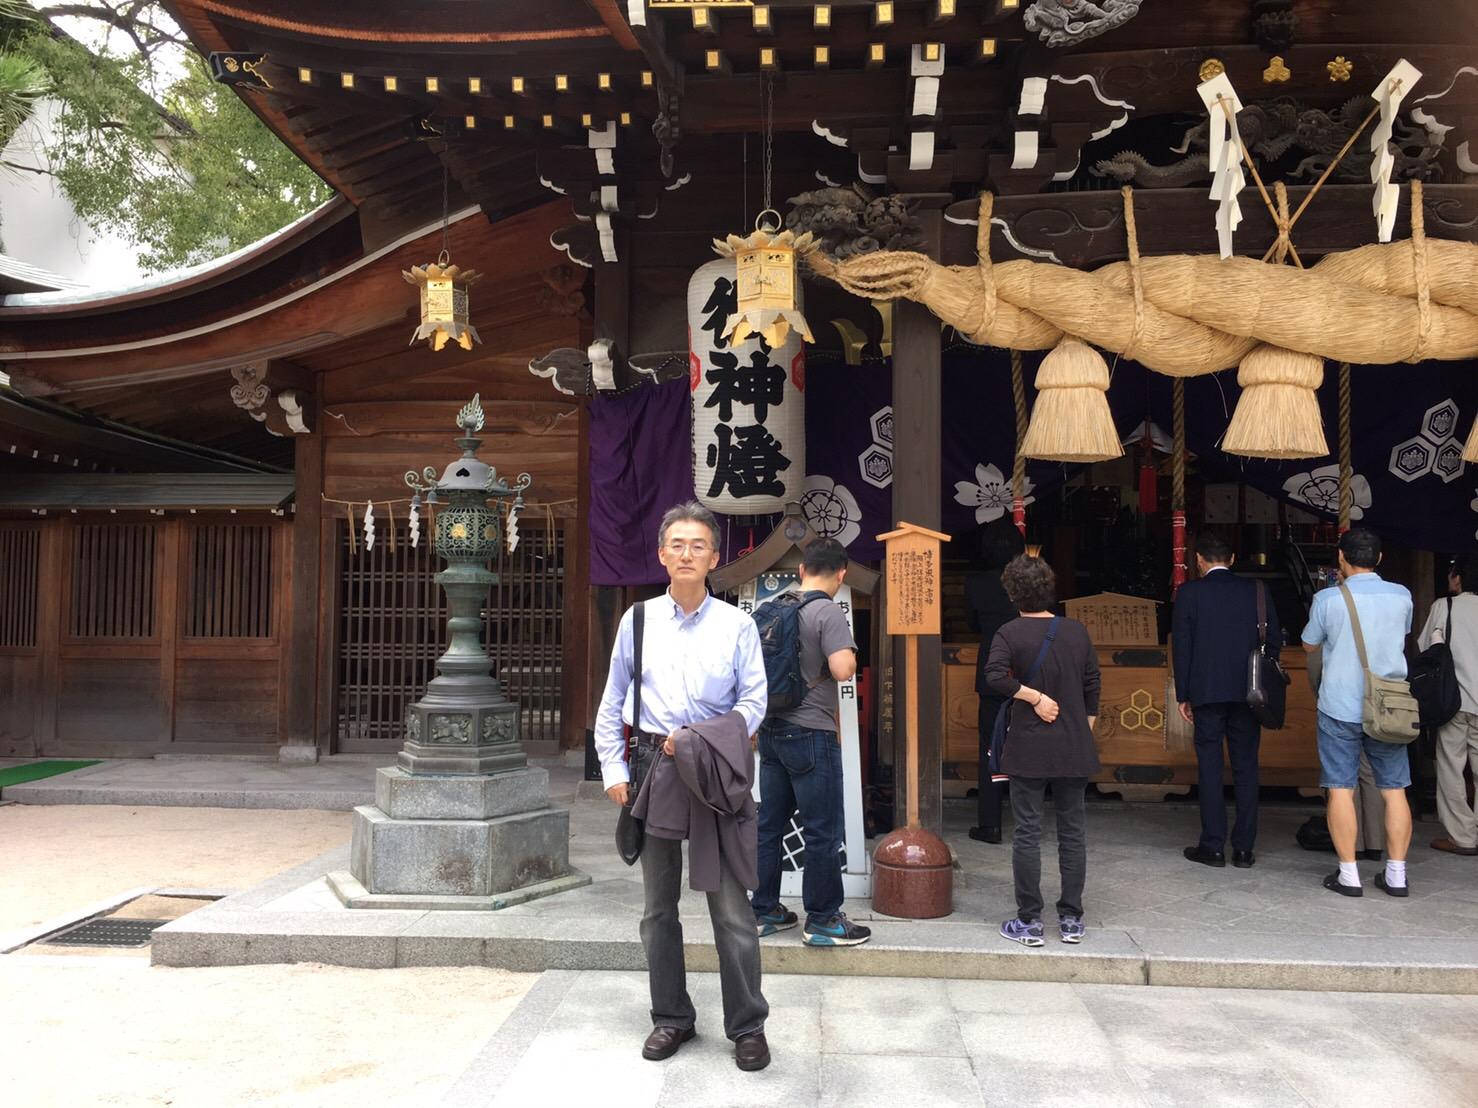 2016年10月18日 福岡県福岡市博多区上川端町の櫛田神社にて